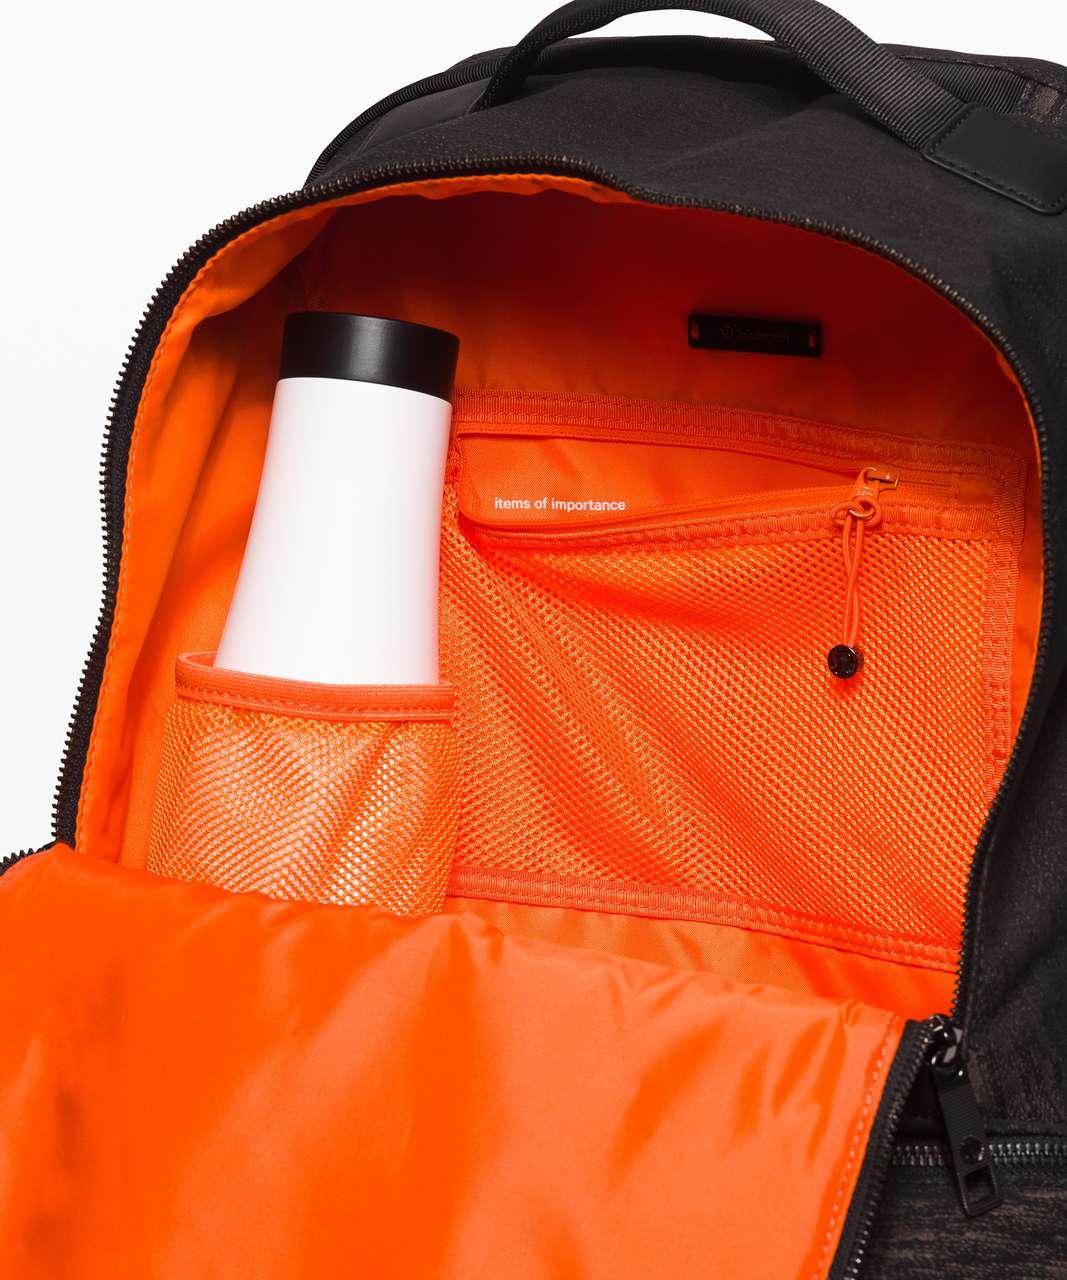 Lululemon City Adventurer Backpack *17L - Aqueous Ikat Jacquard Black Highlander